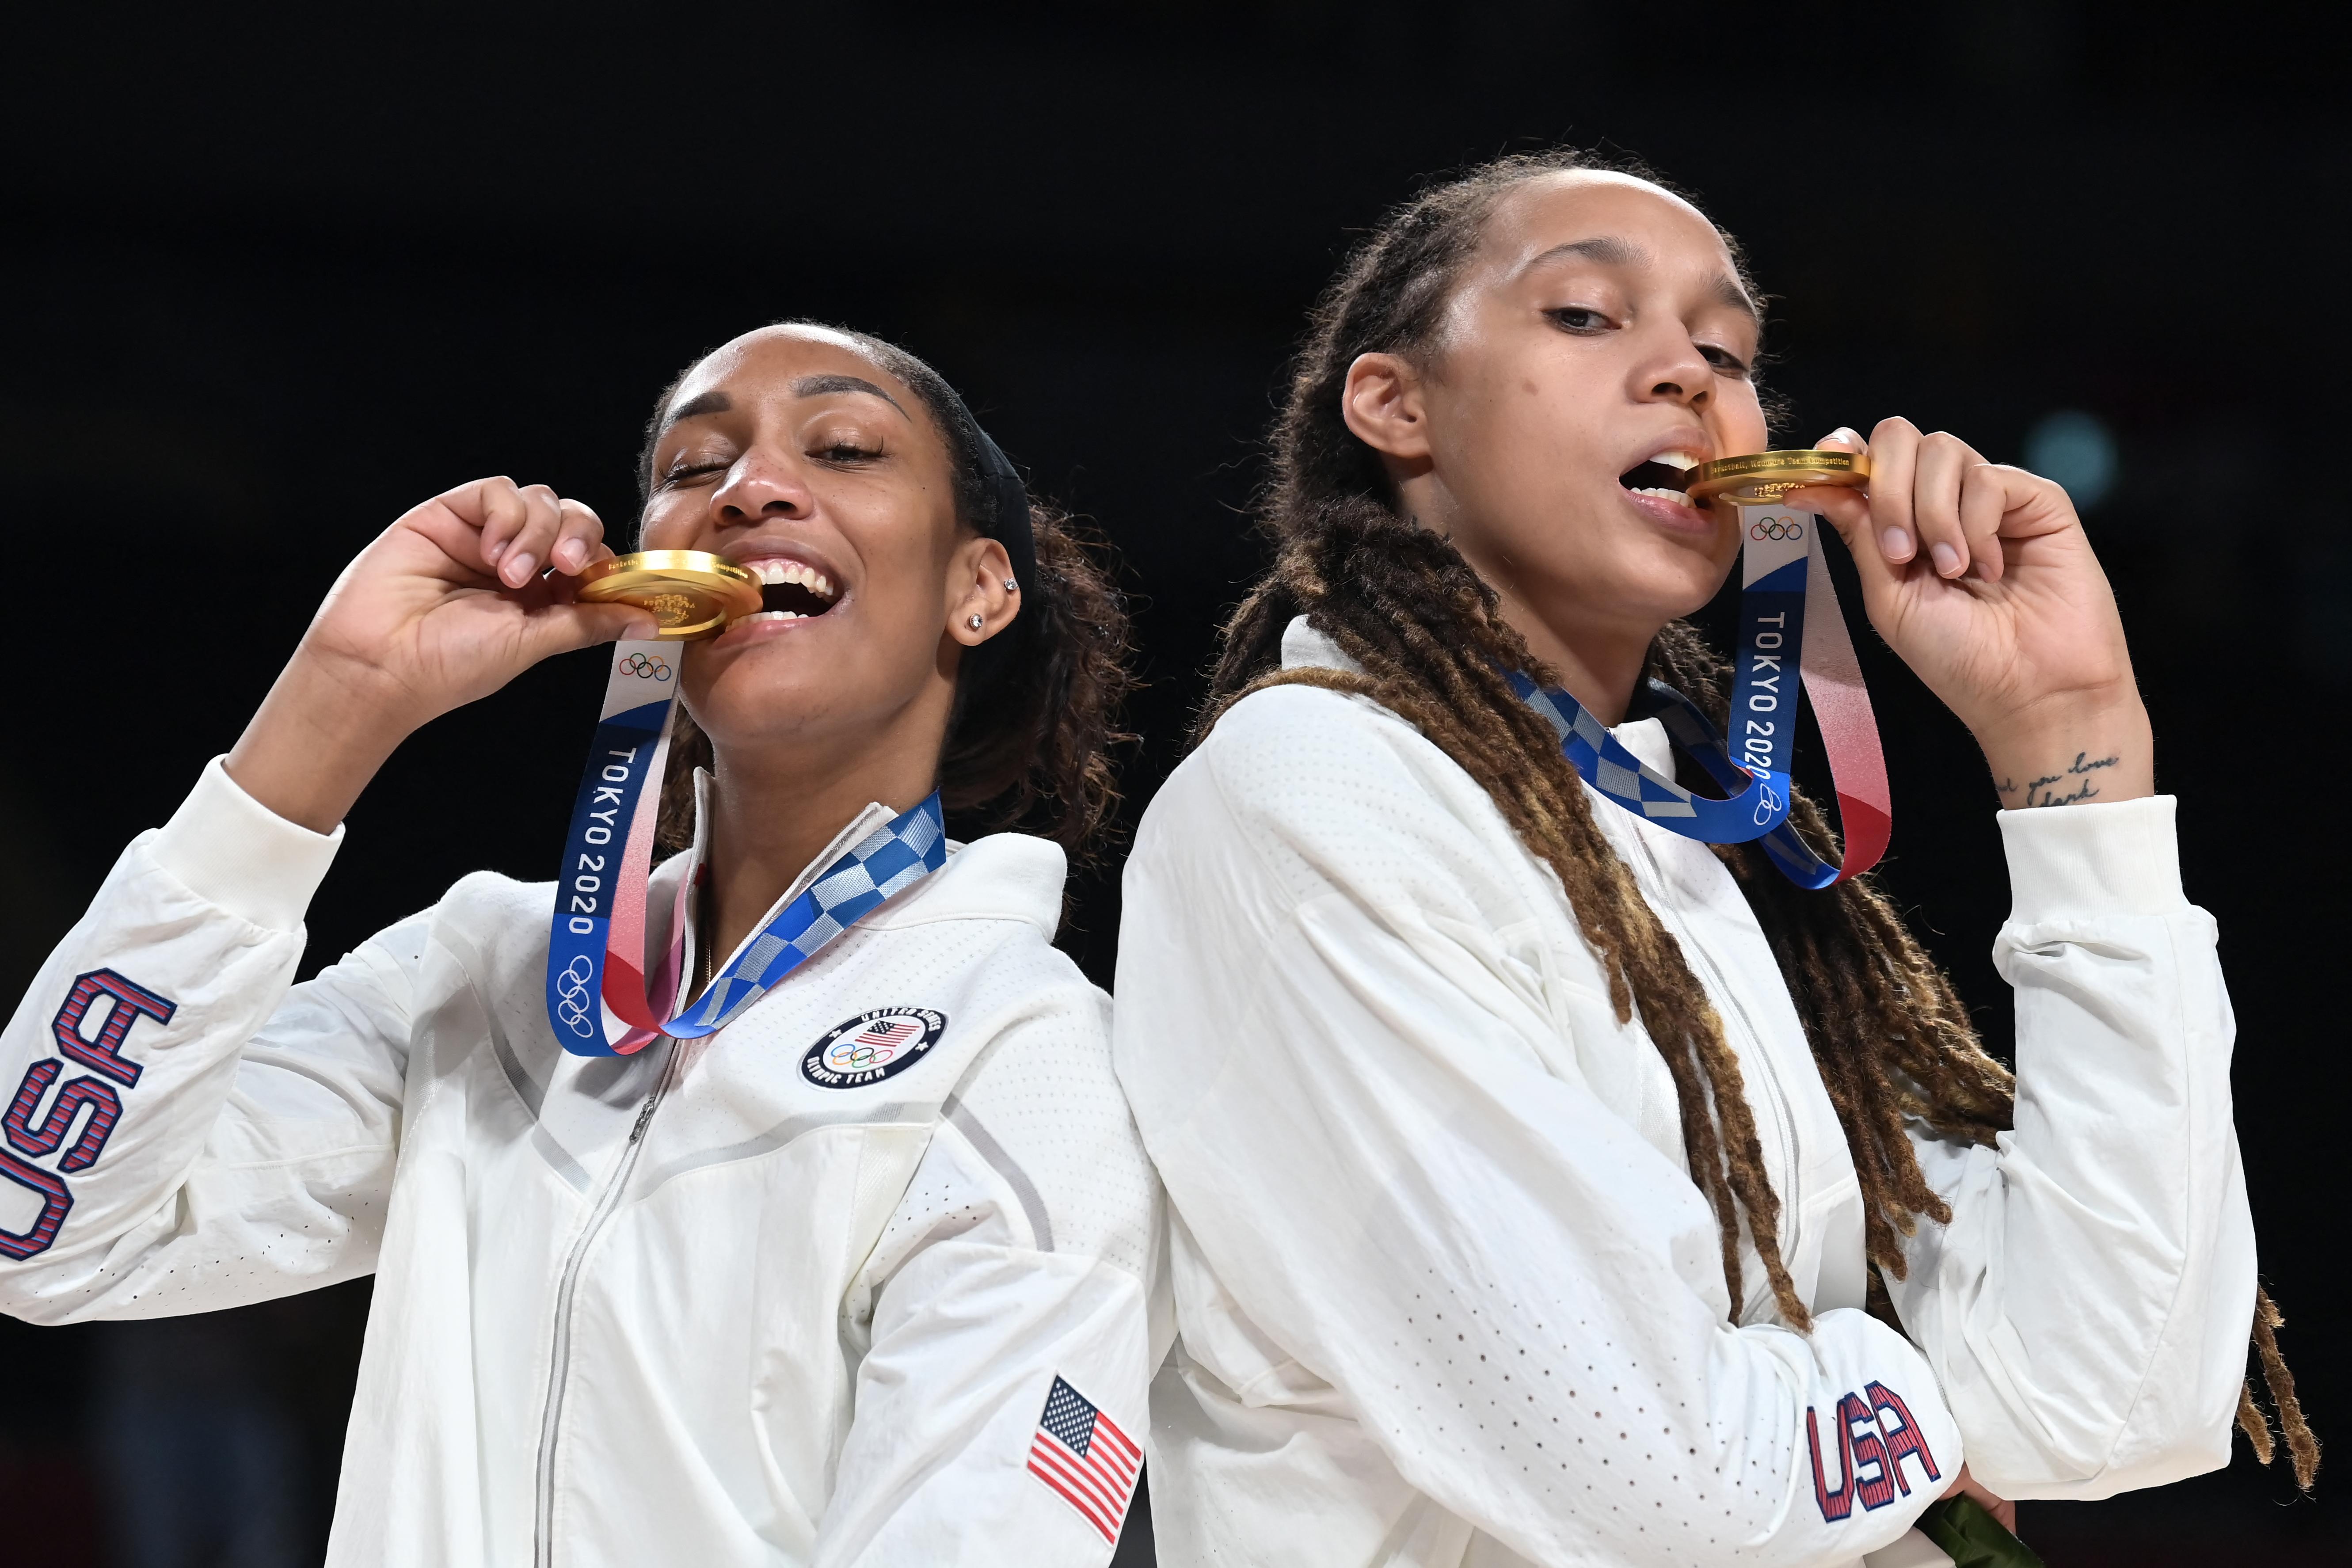 Amerikai, amerikai és francia arany női kosárban, röpiben és kéziben